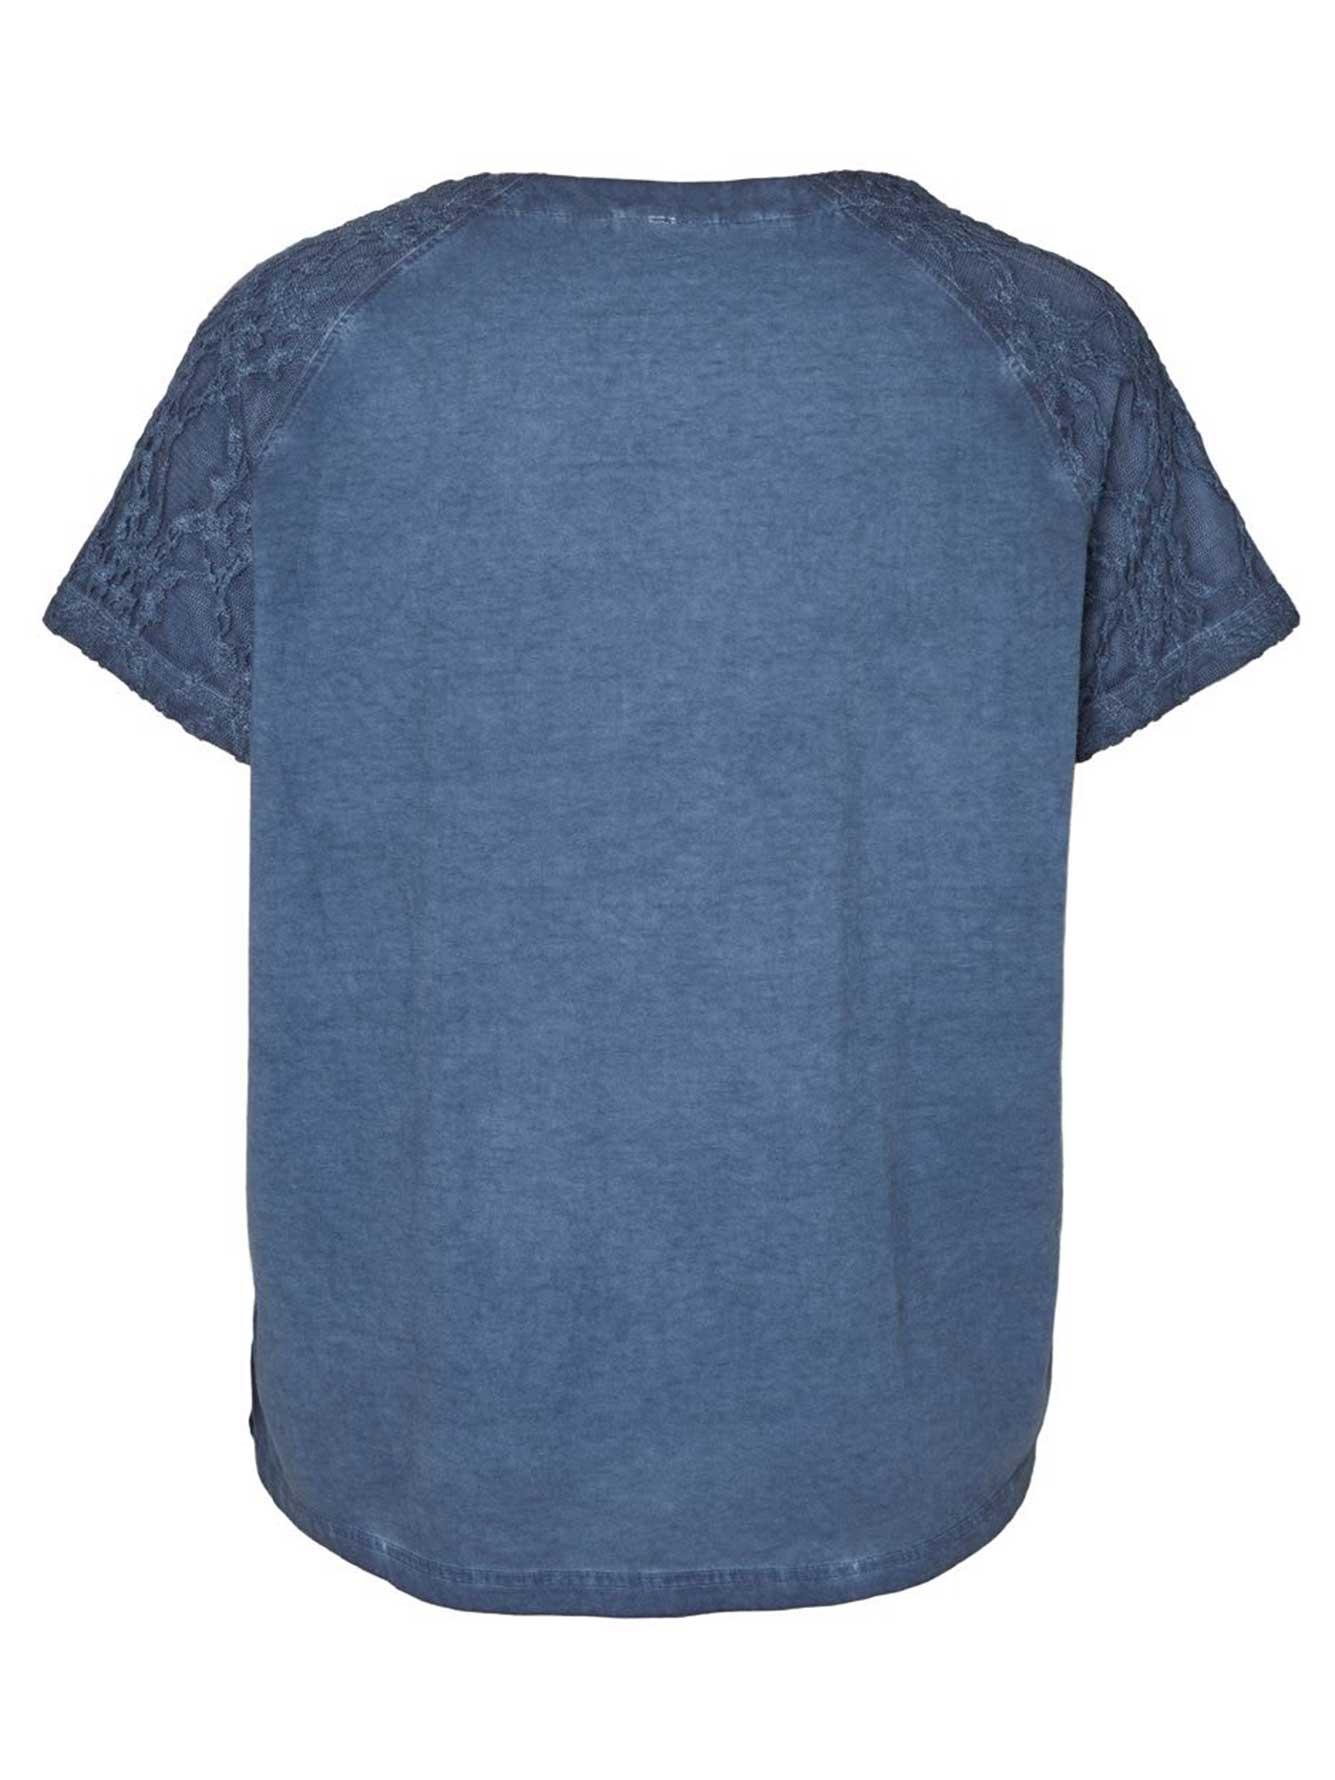 Junarose t shirt avec dentelle penningtons - T shirt avec photo ...